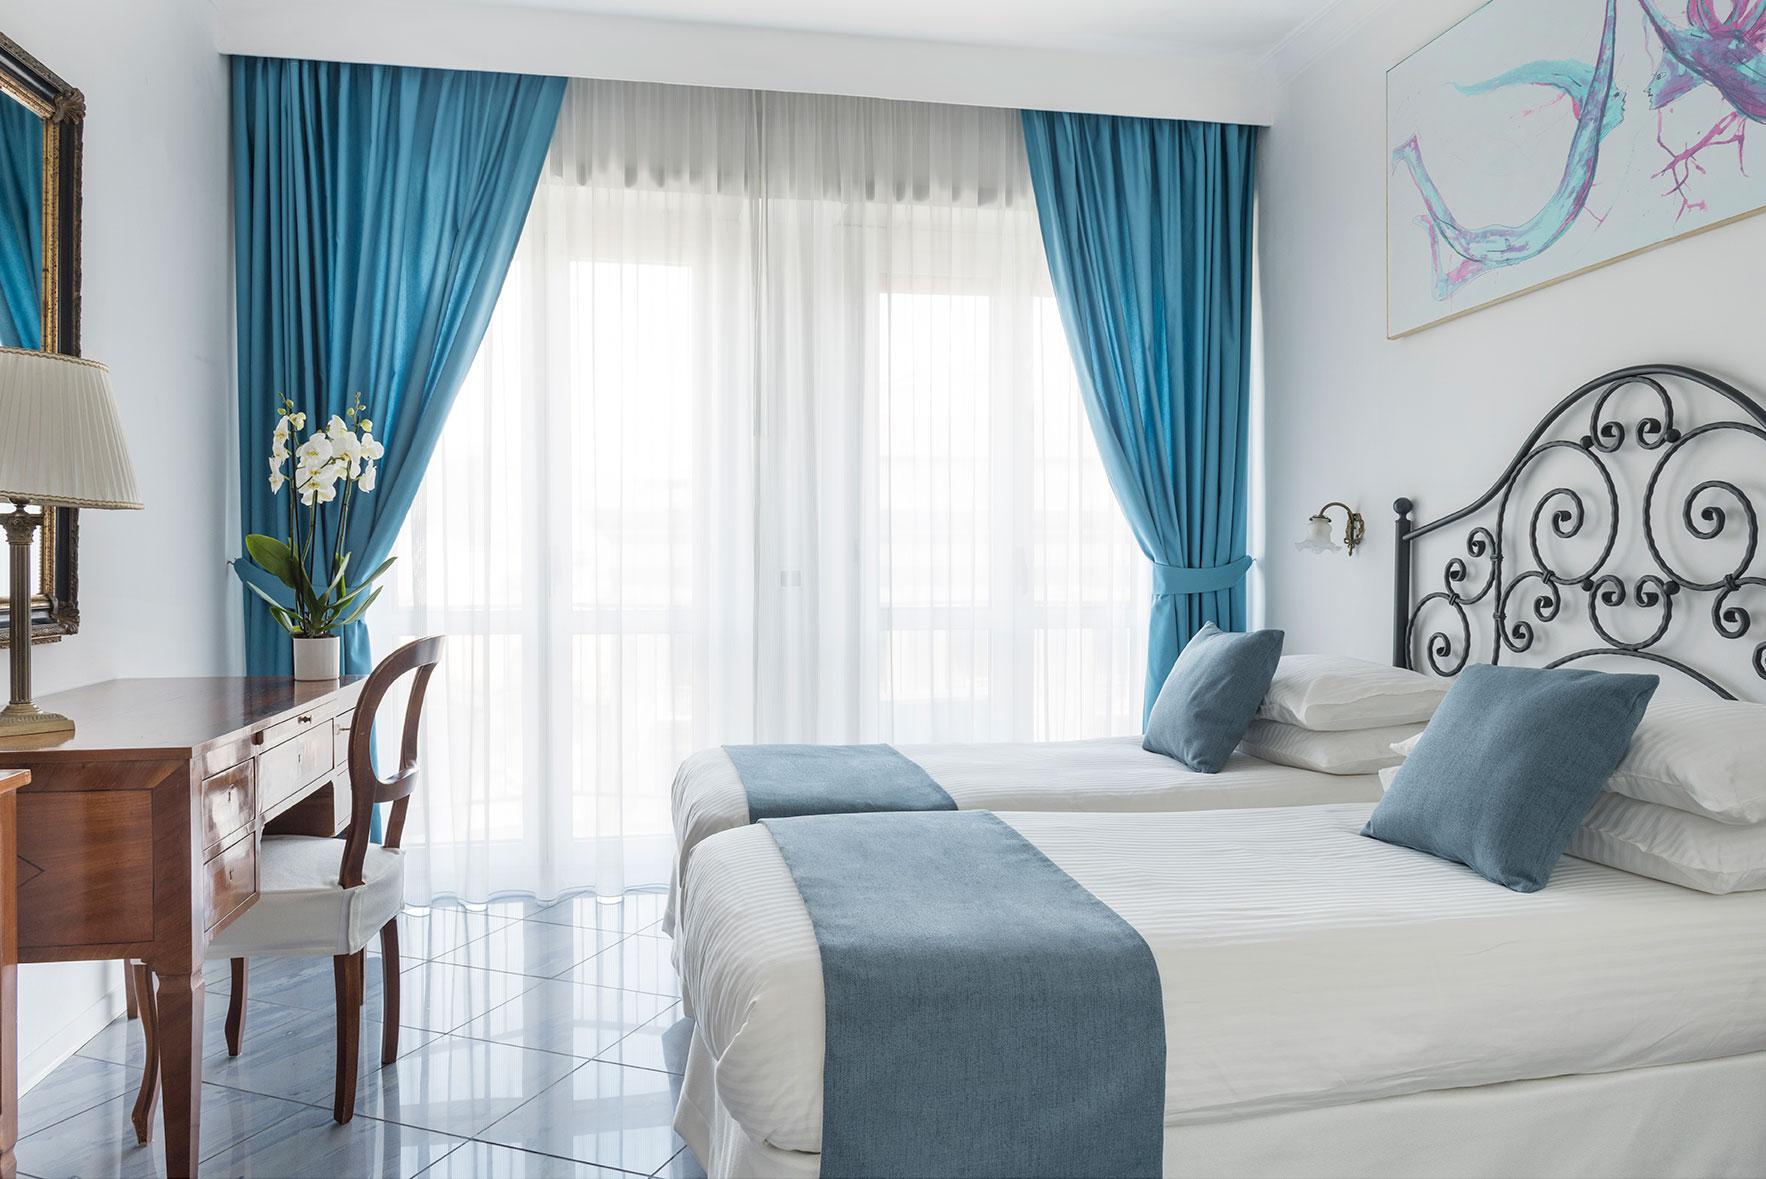 camere-superior-fiorentini-residence-napoli-7